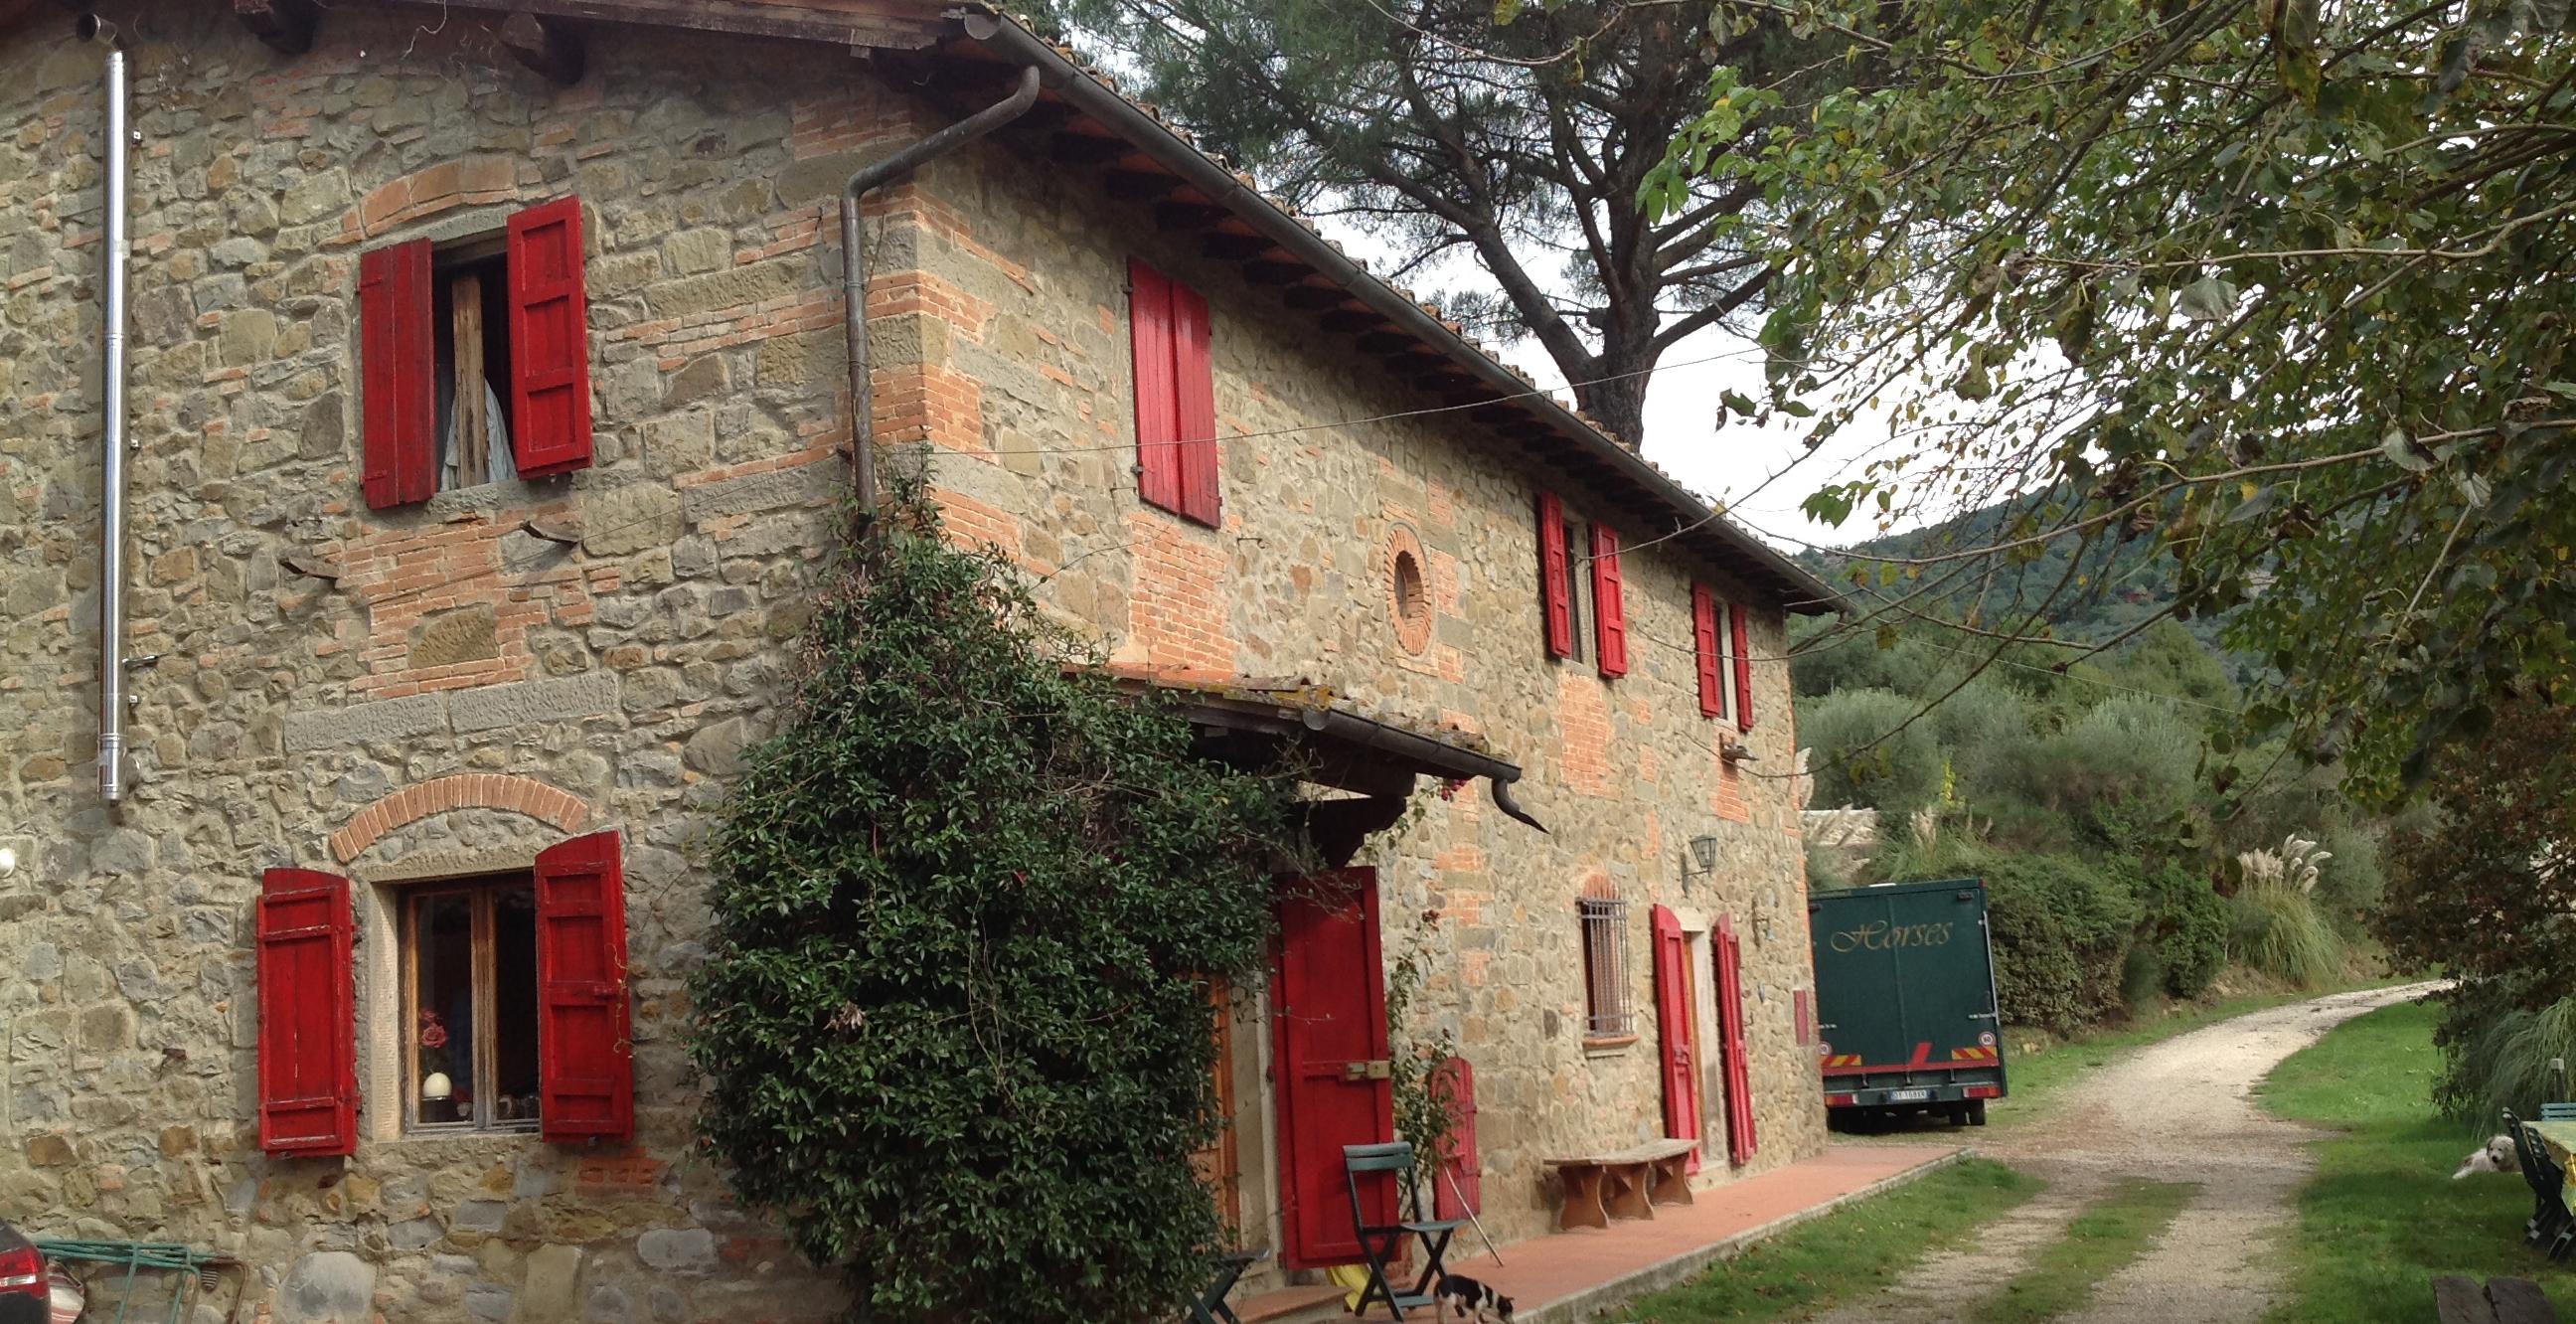 THE ITALIAN HOSPITALITY